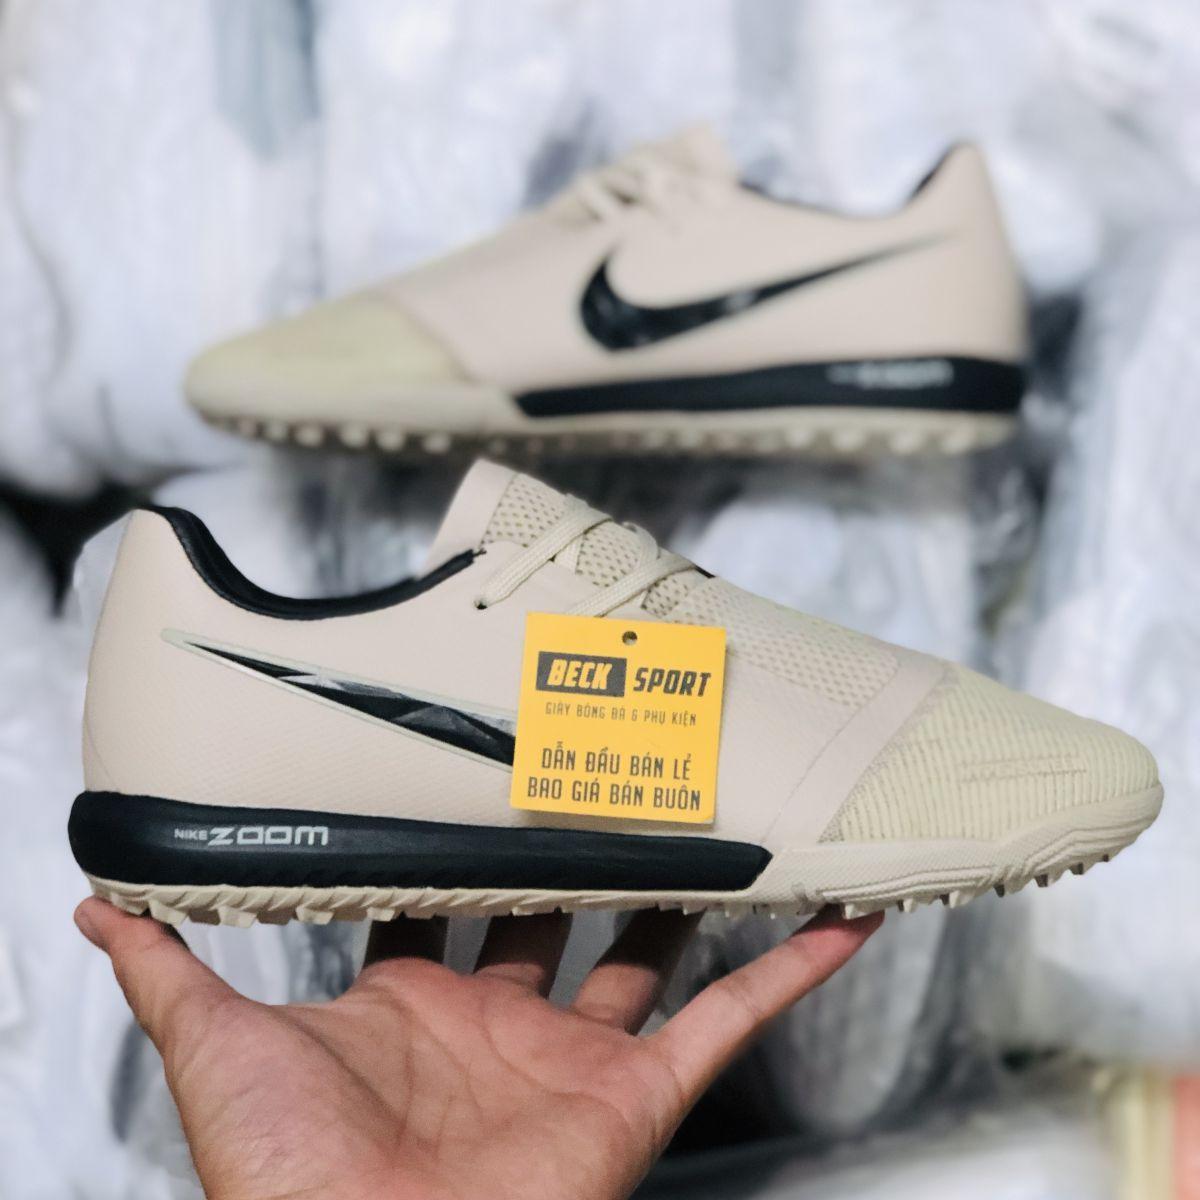 Giày Bóng Đá Nike Zoom Phantom VNM Pro Nâu Sữa Vạch Đen Giấu Dây TF